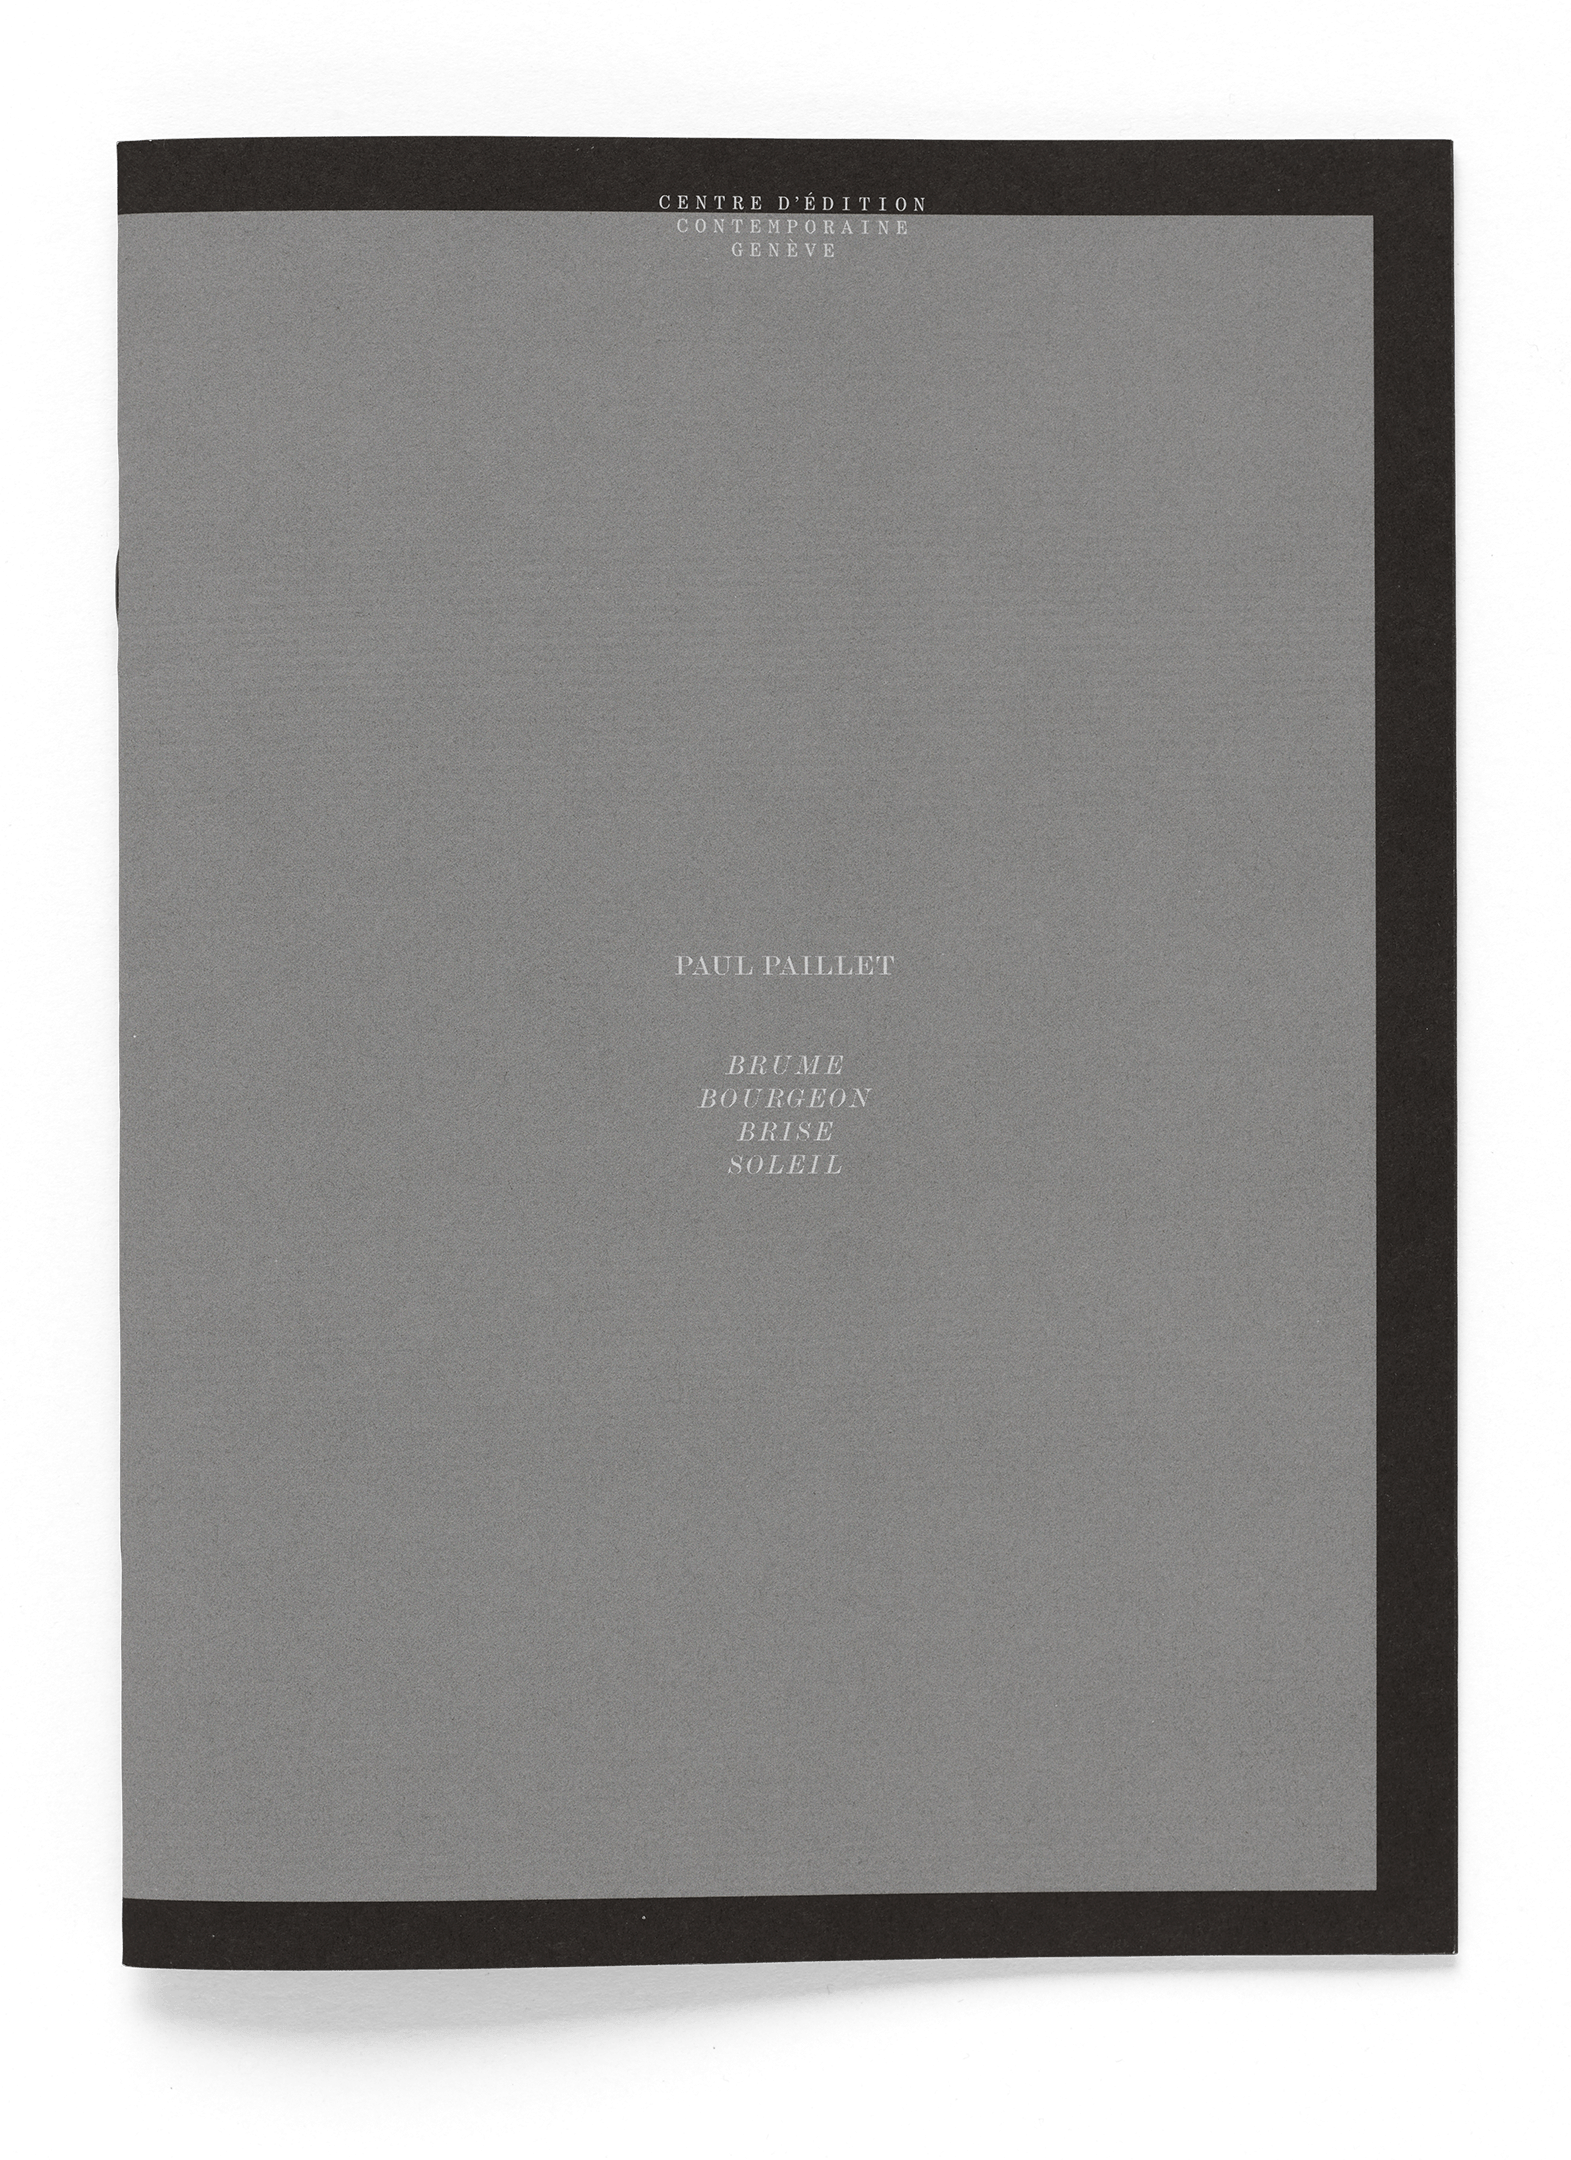 Couverture de la brochure de l'artiste Paul Paillet